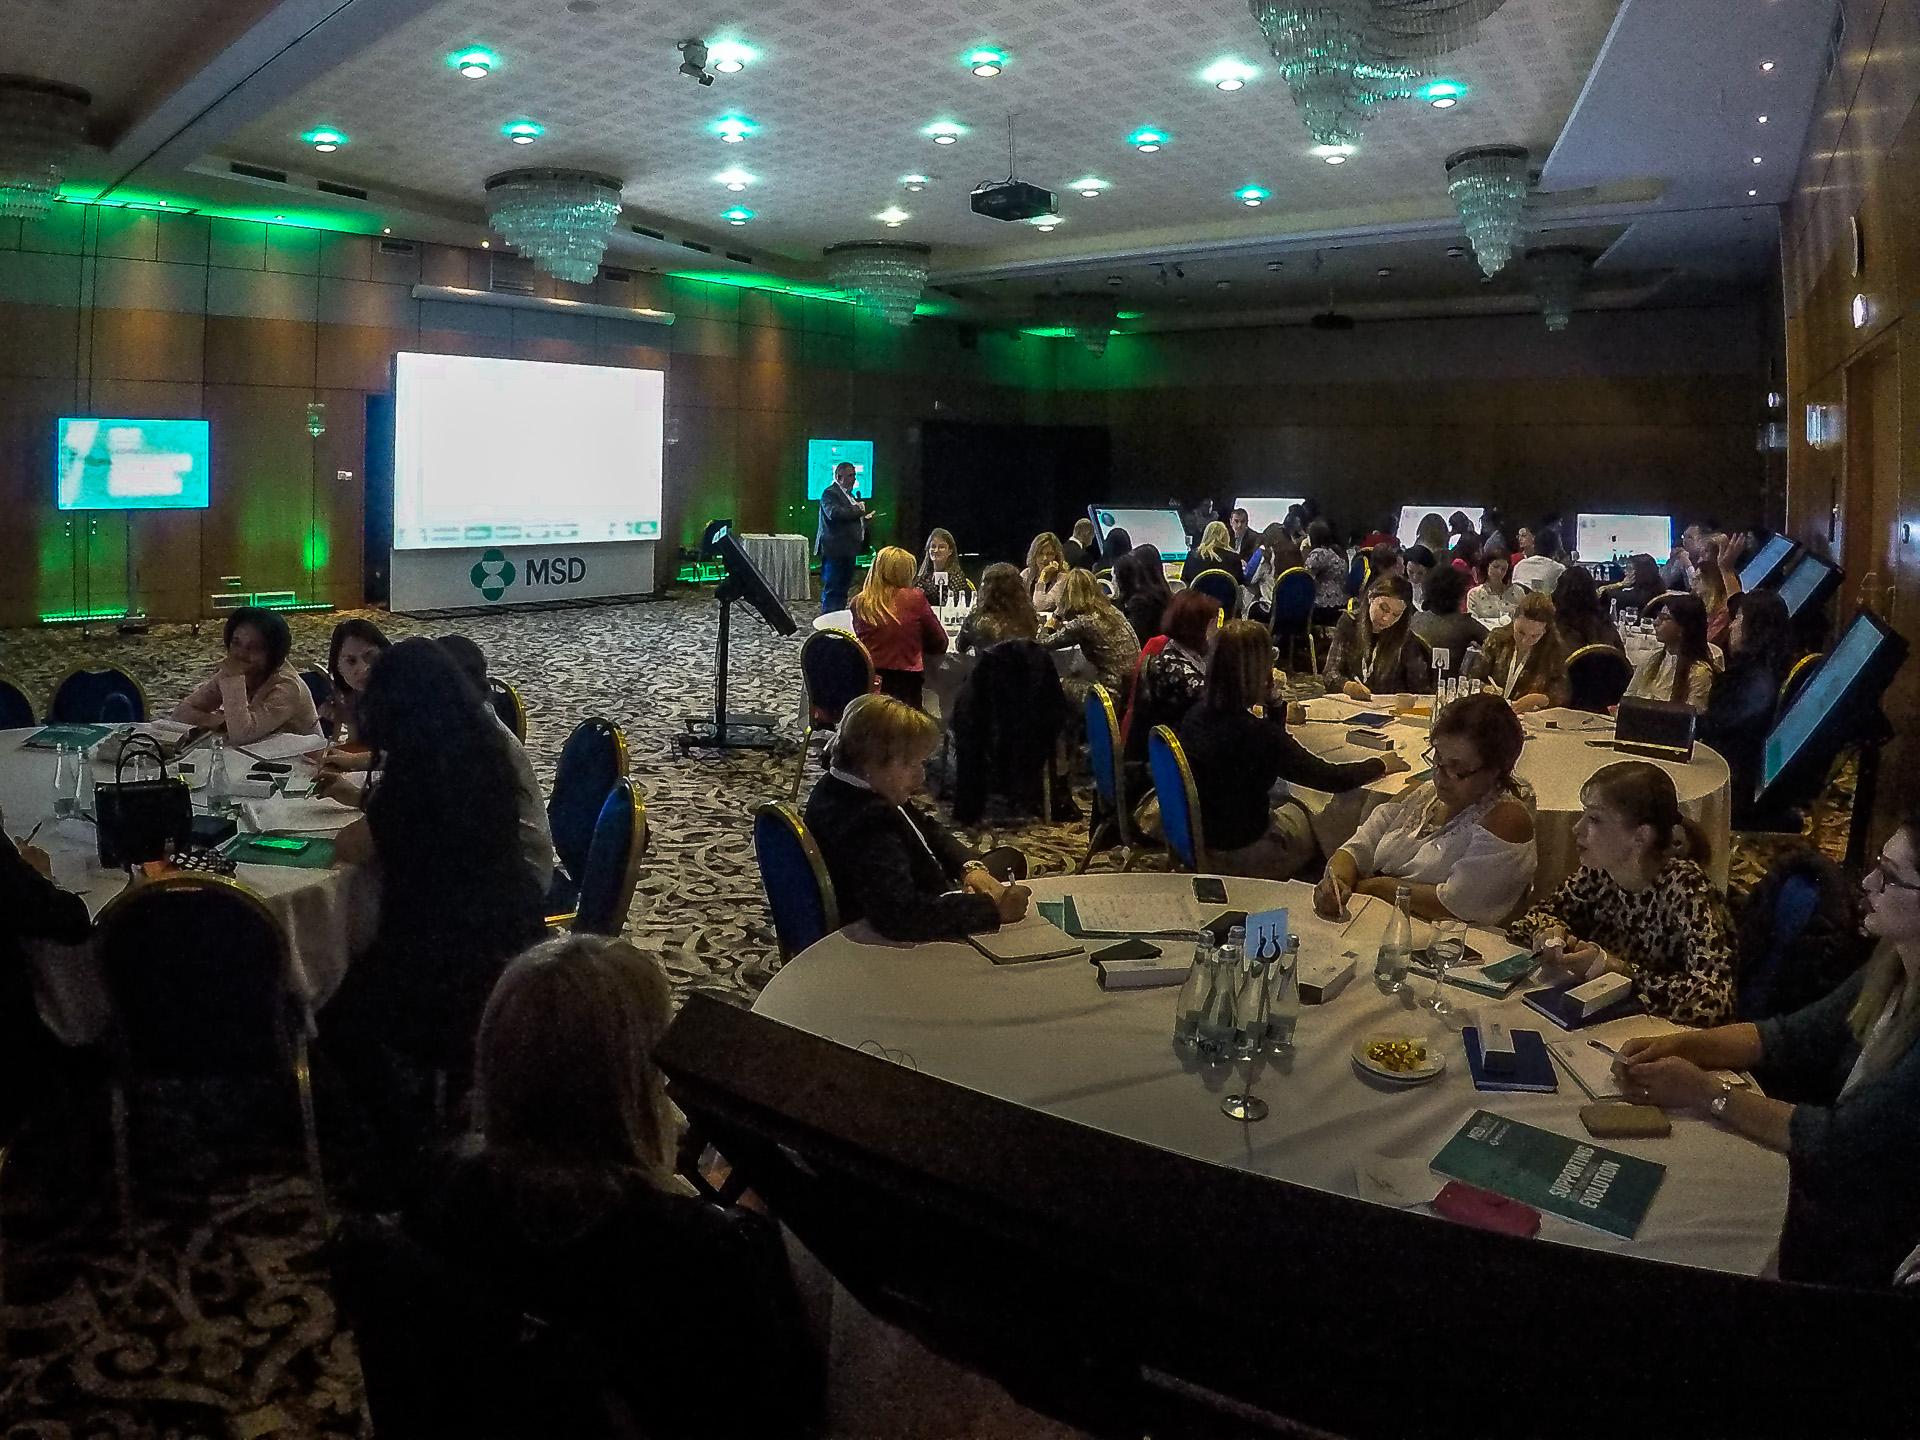 ekrany, quizy, wirtualna postać – konferencja dla farmacji